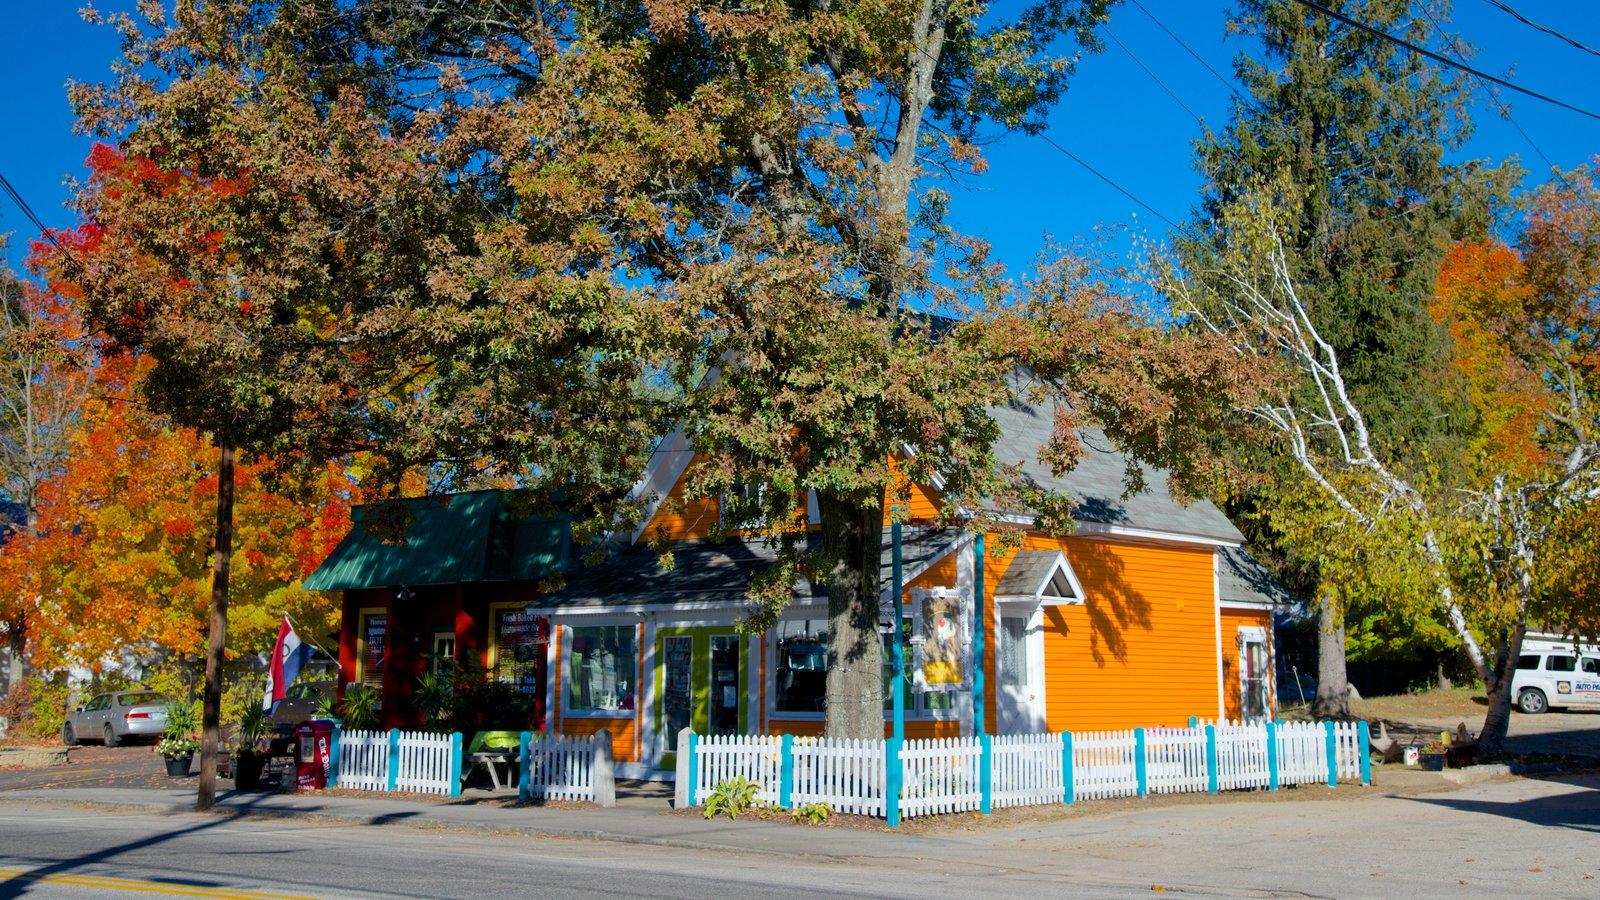 Conway caracterizando folhas de outono e uma cidade pequena ou vila